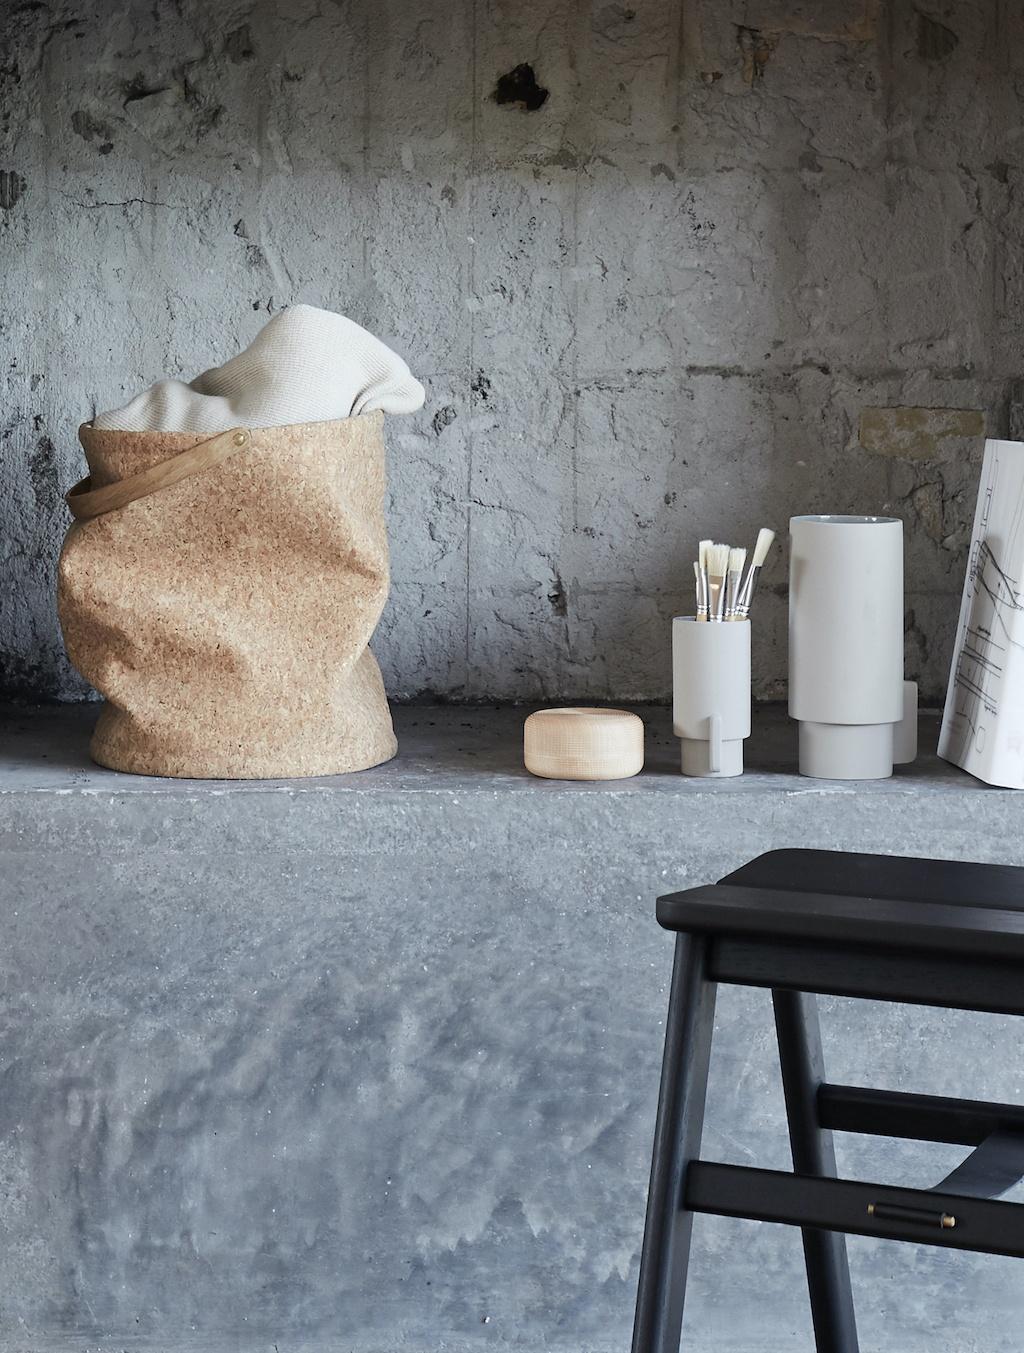 Nest Kork Papierkorb von Form&Refine auf einem Betonvorsprung